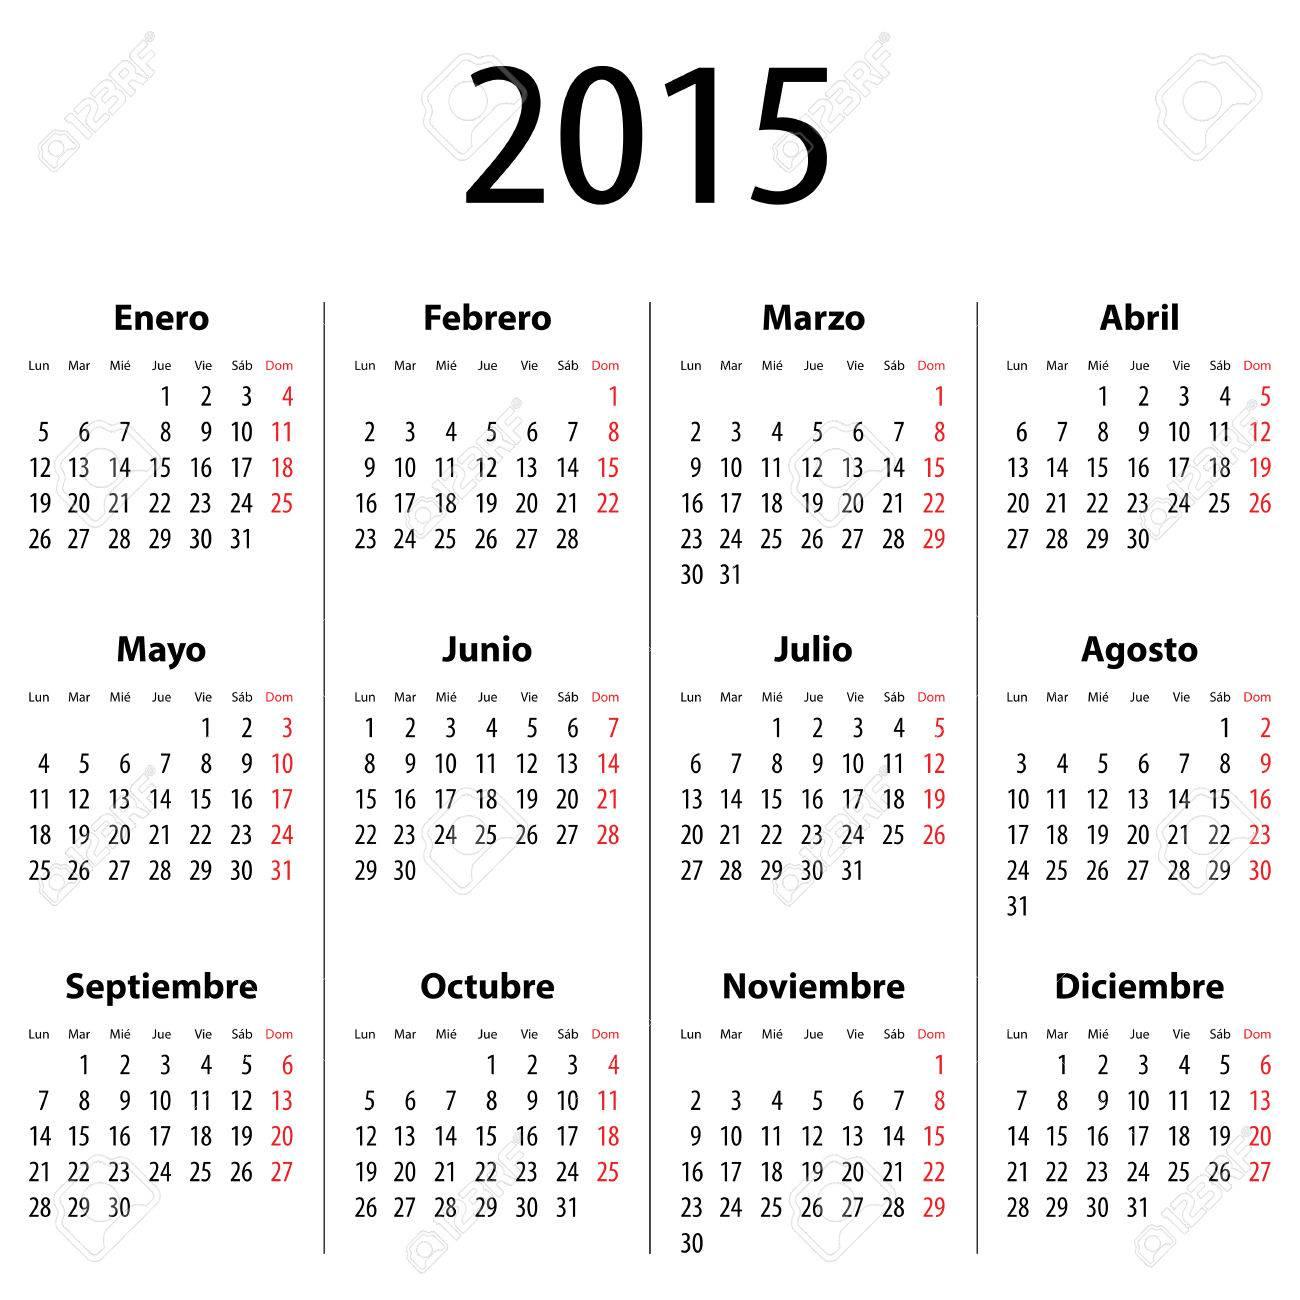 Calendario Spagnolo.Calendario Spagnolo Per Il 2015 Lunedi Prima Cifre In Grassetto Illustrazione Vettoriale